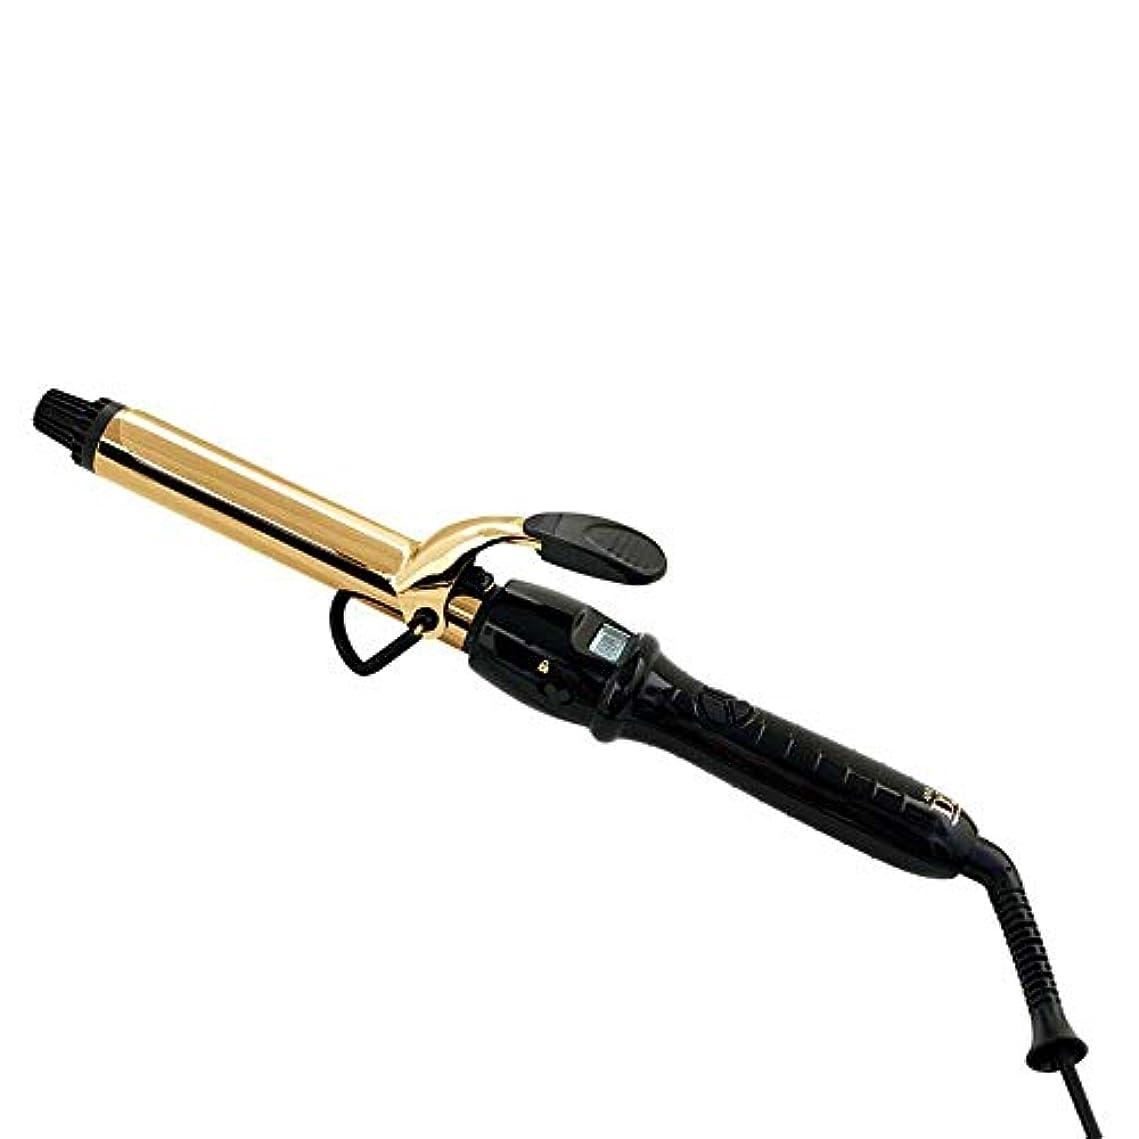 どっち脚堤防トリコインダストリーズ AIVIL(アイビル) D2アイロン ゴールドバレル 25mm